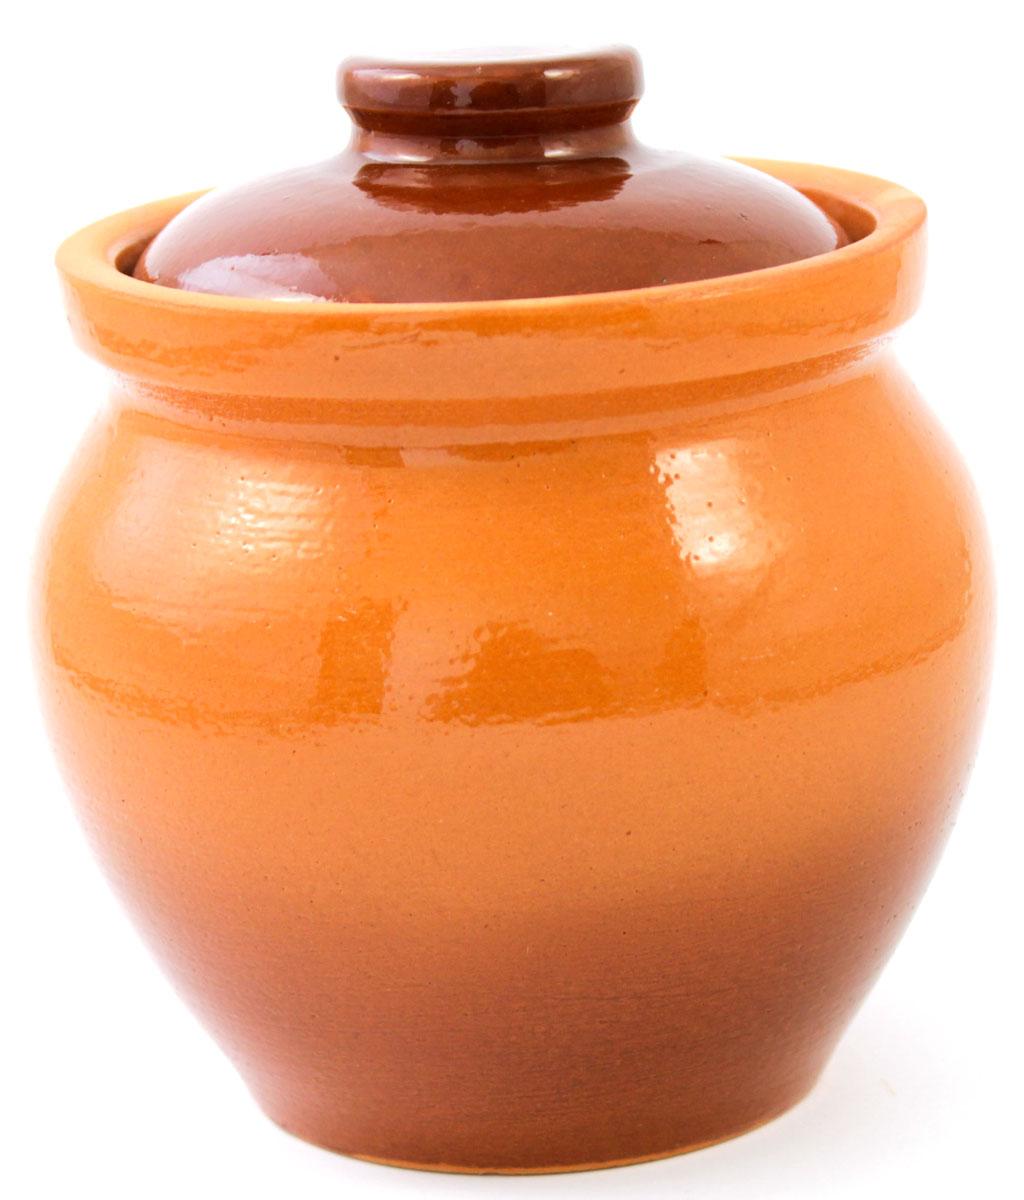 Горшок для запекания Ломоносовская керамика, с крышкой, 600 мл1Г3-6Горшок для запекания Ломоносовская керамика с крышкой выполнен из высококачественной глины. Уникальные свойства глины и толстые стенки изделия обеспечивают эффект русской печи при приготовлении блюд. Блюда, приготовленные в керамическом горшке, получаются нежными исочными. Вы сможете приготовить мясо, сделать томленые овощи и все это без капли масла. Этоодин из самых здоровых способов готовки.